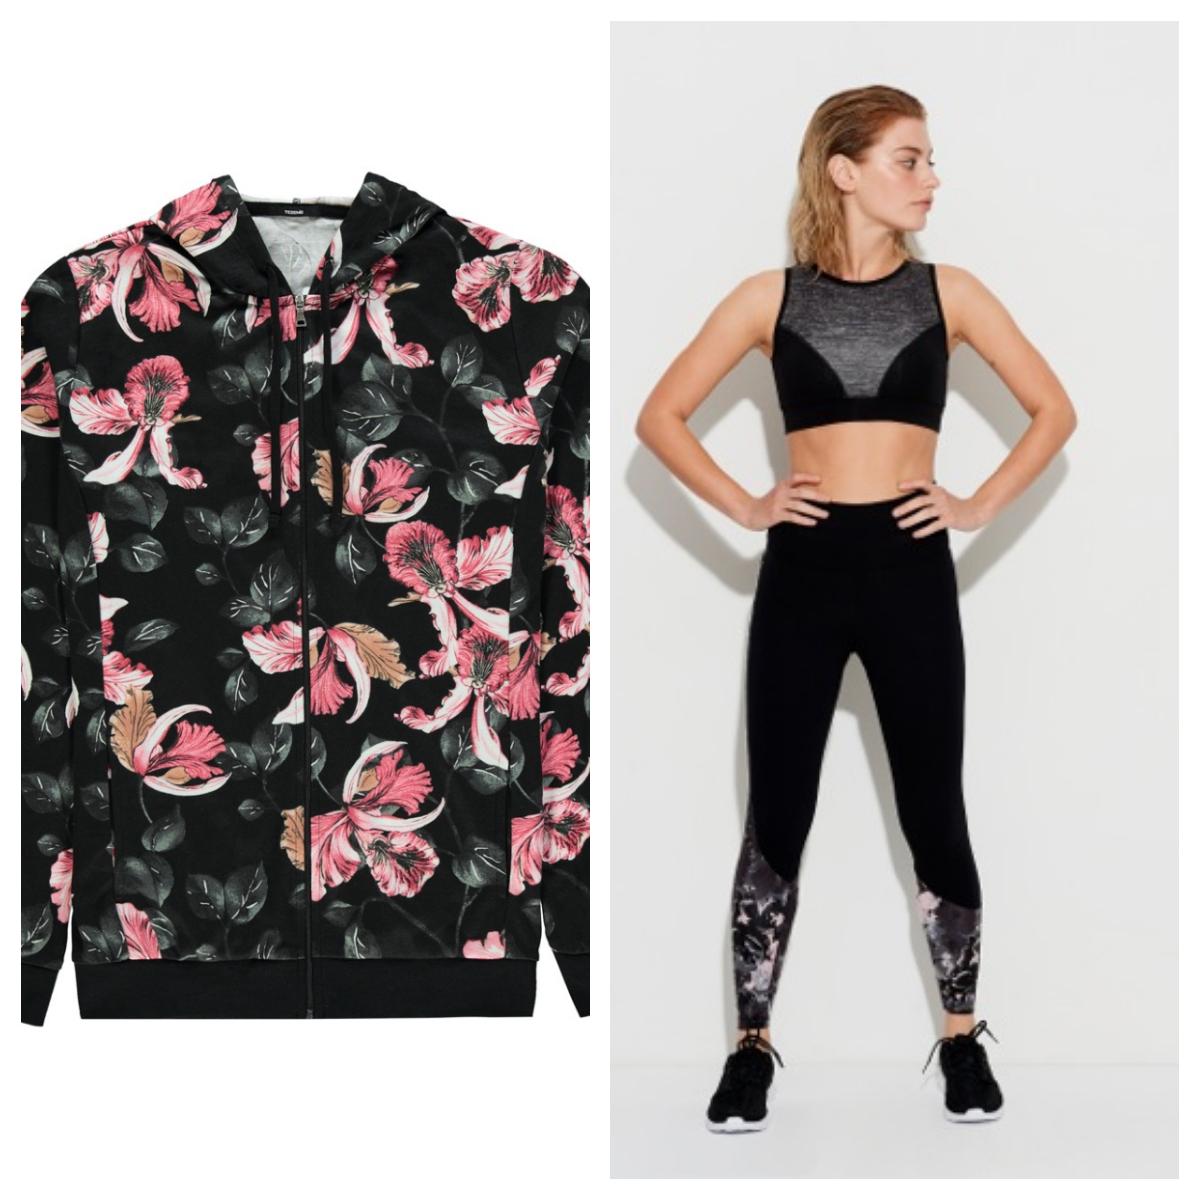 A virágmintás sportmelltartók városi hangulatúak, hordhatóak és kívánatosak, friss, urbánus viseletek, míg a virágos body valódi kötelező darab. Tökéletes minden fitness tevékenységhez, függetlenül attól, hogy spinningezel vagy futsz. <br />Minden, ami a sokoldalú edzéshez szükséges, megtalálható a kollekcióban, beleértve a pulóvereket, trikókat, leggings-eket és jogger-nadrágokat. Minden darab Instagram-kész, trendi sötét rózsaszín, fekete és a szürke árnyalataival; ideálisak divat- és fitneszblogger számára egyaránt.<br />